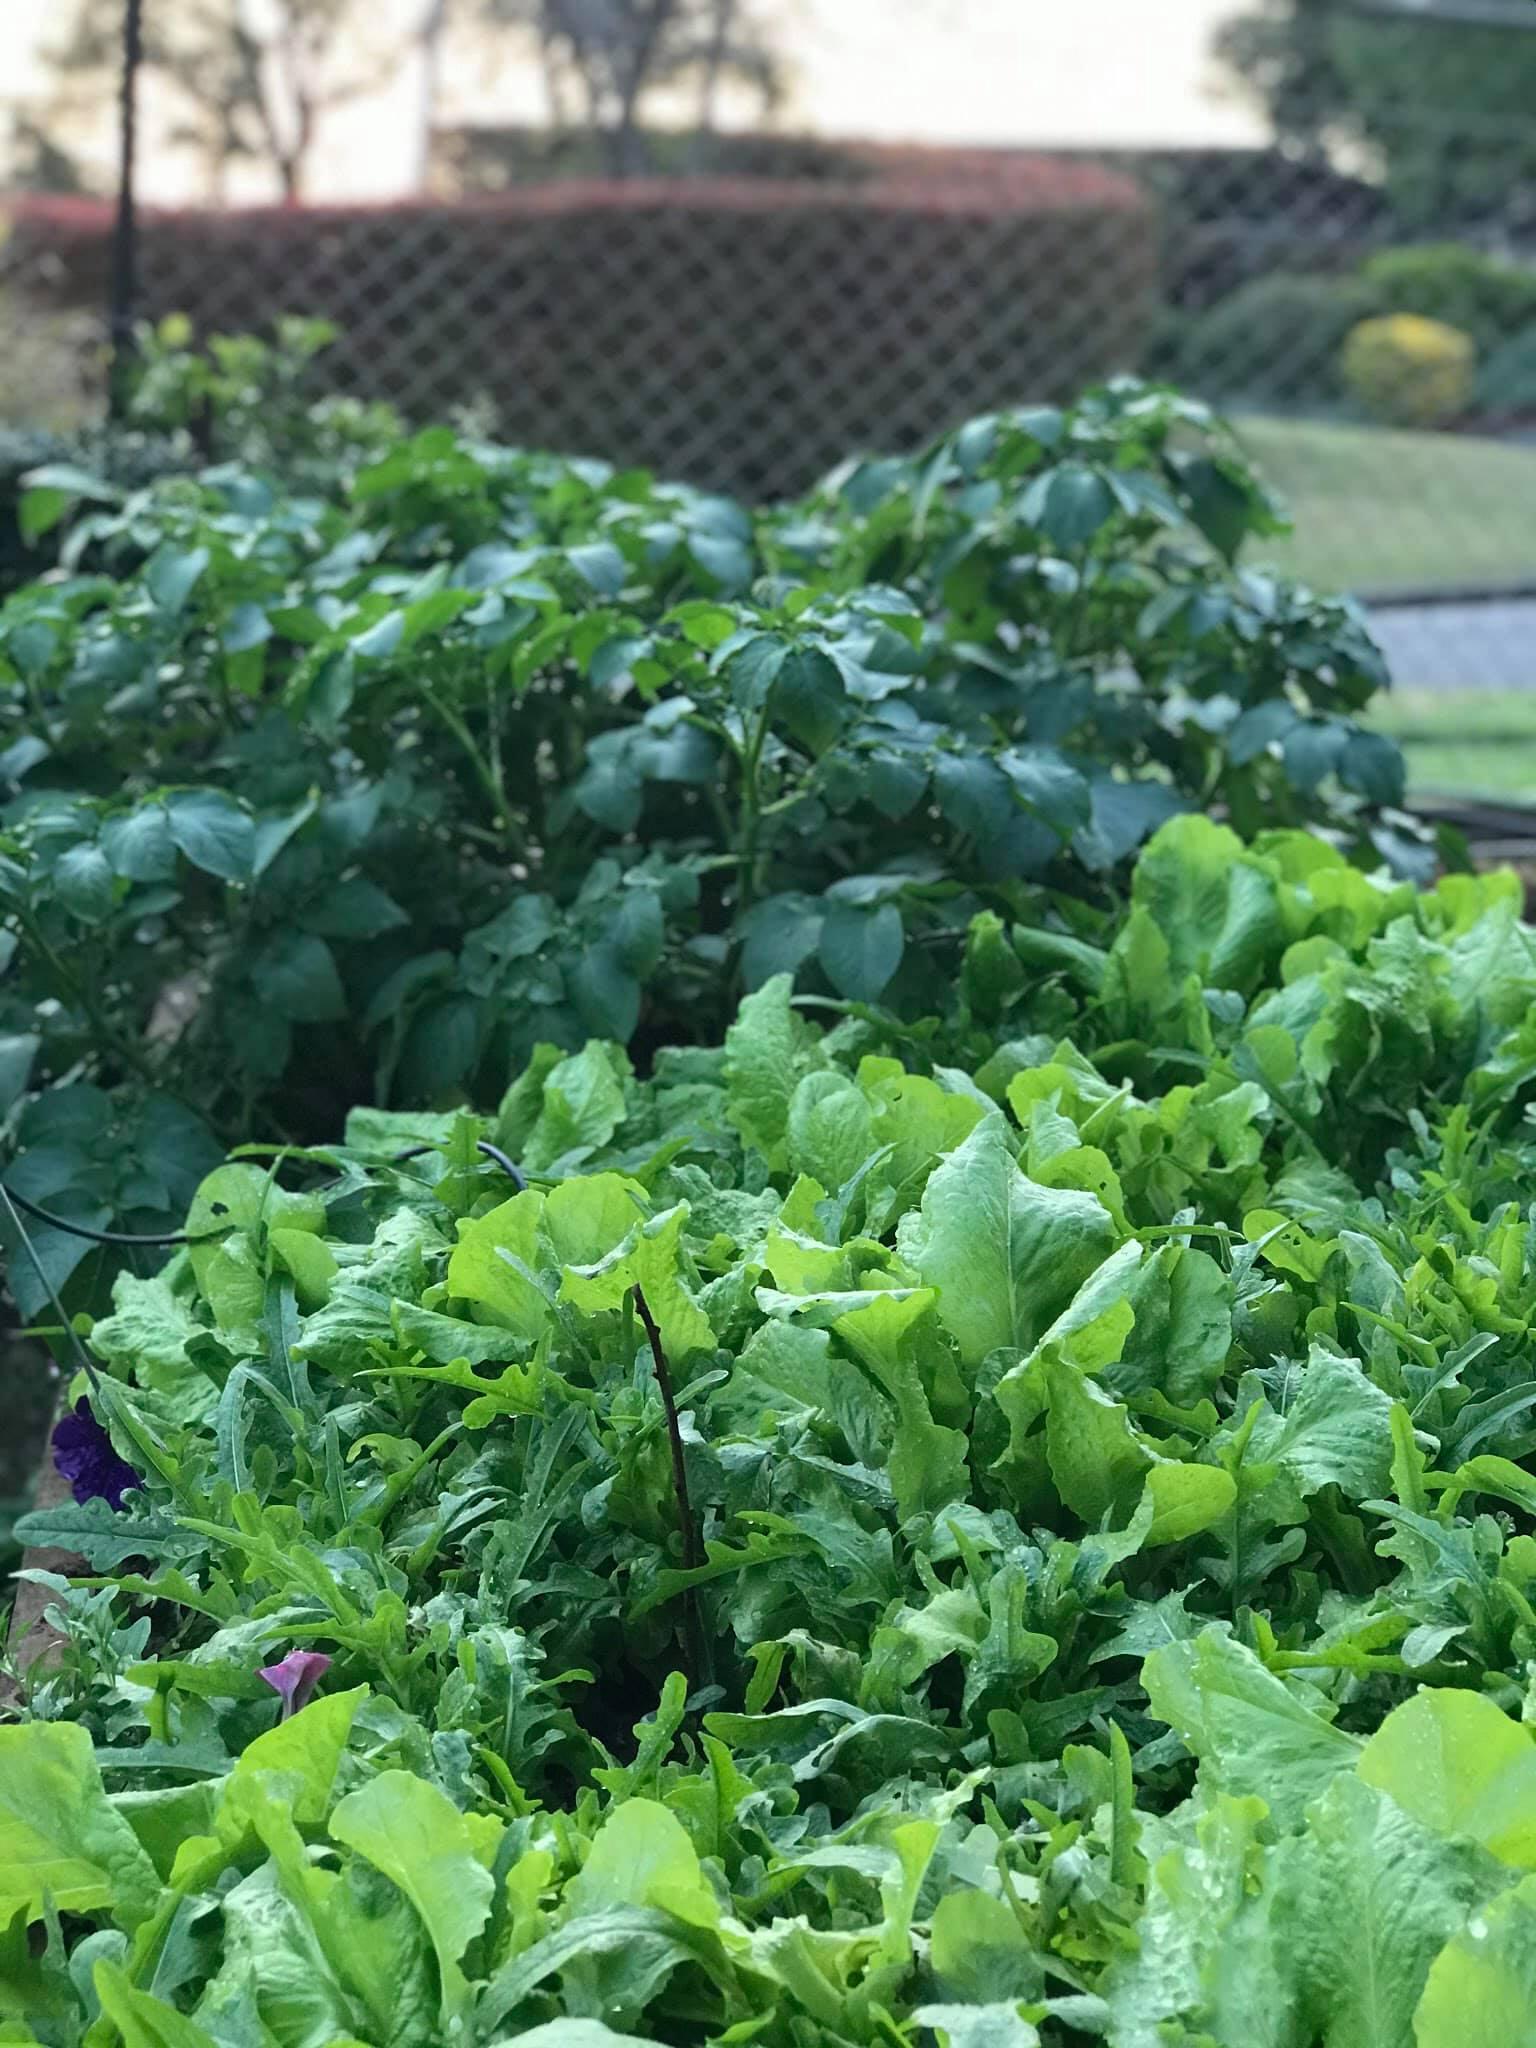 Khu vườn rộng 575m² xanh tươi đủ loại rau quả sạch giữa thành phố của người đàn ông thích trồng cây từ năm 9 tuổi - Ảnh 8.